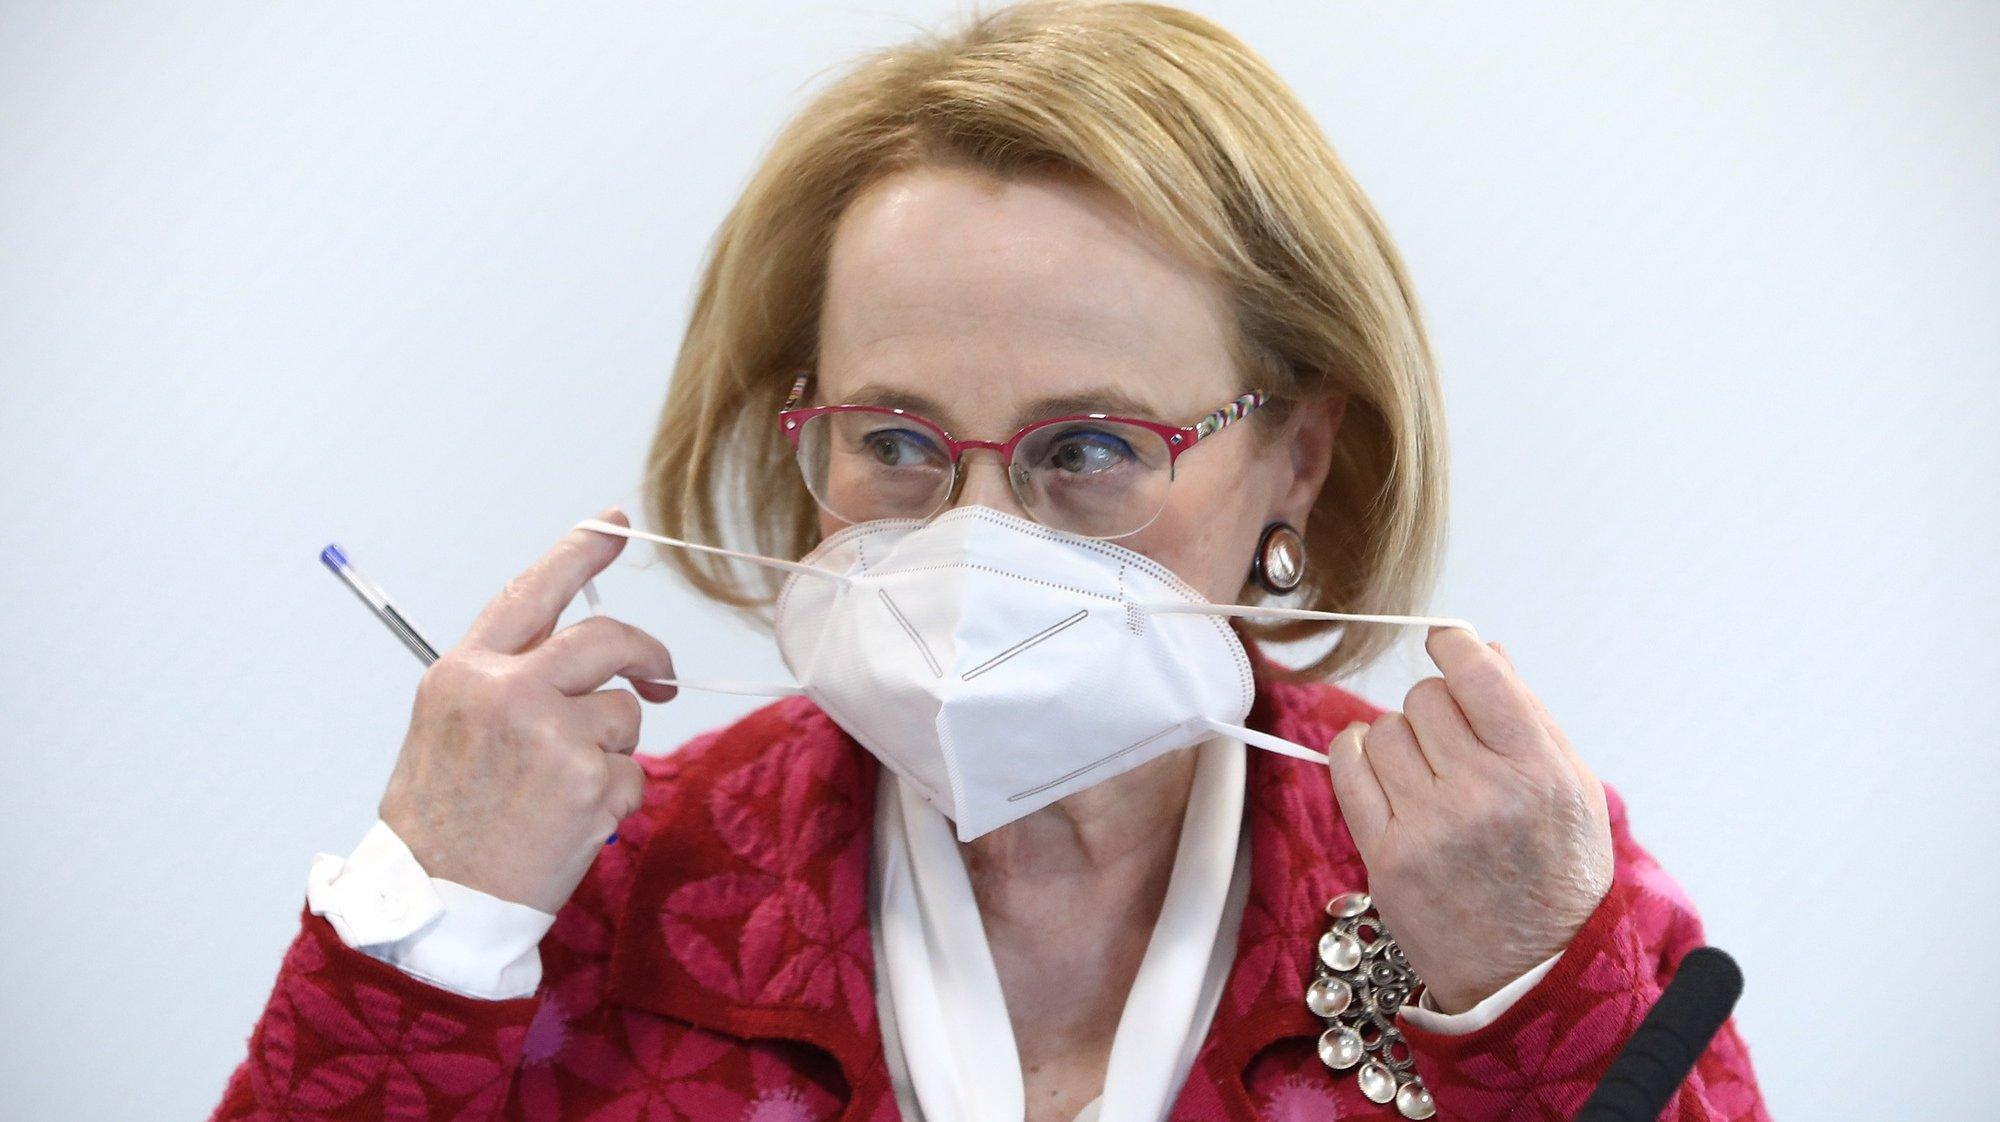 A diretora-geral da Saúde, Graça Freitas, retira a sua máscara de proteção respiratória à chegada para a conferência de imprensa de atualização da situação epidemiológica em Portugal, relativa à infeção pelo novo coronavírus (Covid-19), realizada no Ministério da Saúde, em Lisboa, 23 de novembro de 2020. Portugal regista até ao momento 3.971 (+74) mortes associadas à Covid-19 e 264.802 (+4.004) infetados, segundo o boletim divulgado pela Direção-Geral da Saúde (DGS). ANTÓNIO PEDRO SANTOS/POOL/LUSA